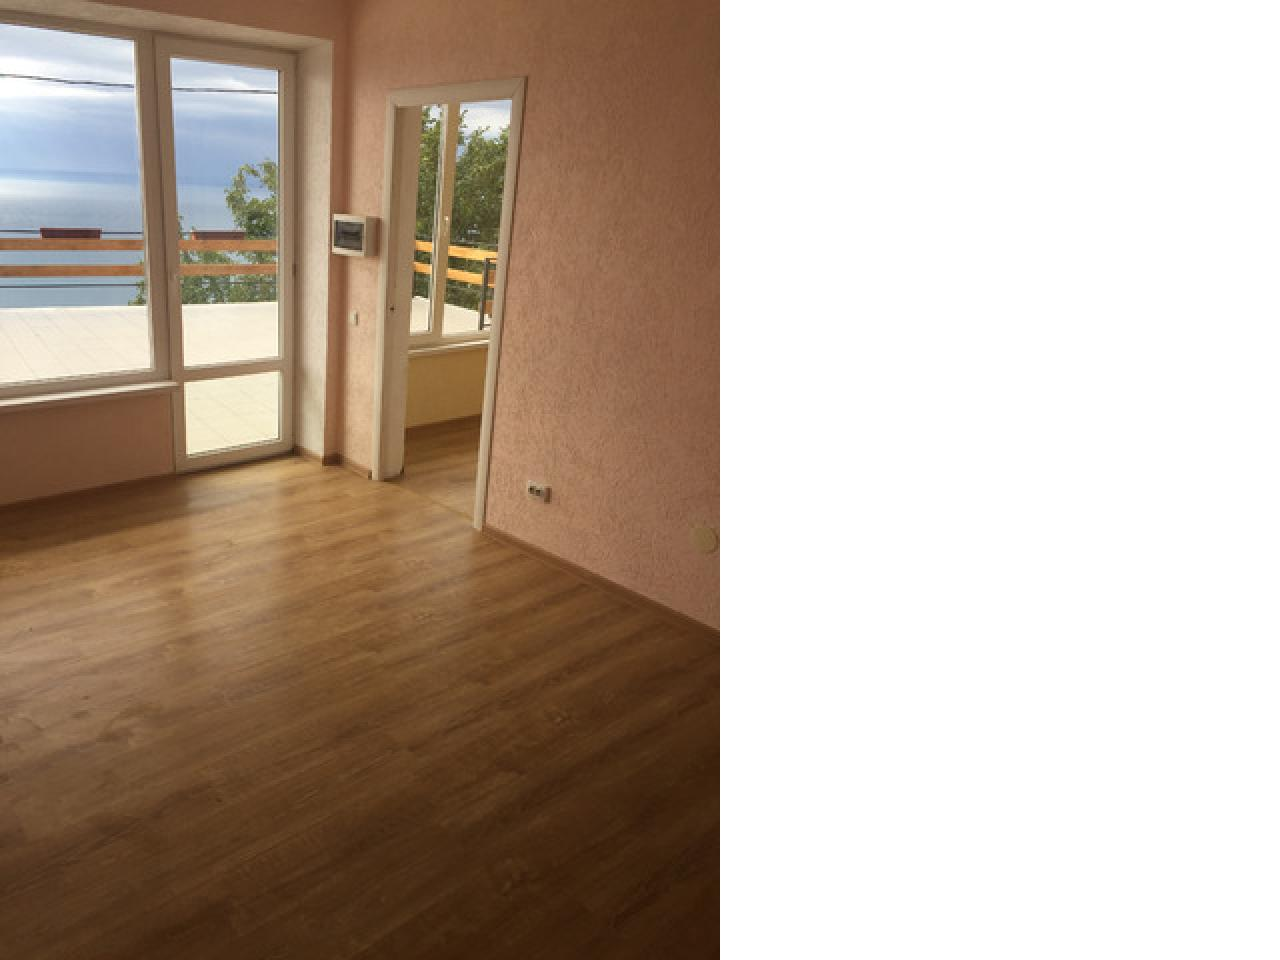 3-х комнатная квартира в Алупке, Крым, РОССИЯ  цена £87,000 Пишите, звоните! - 8